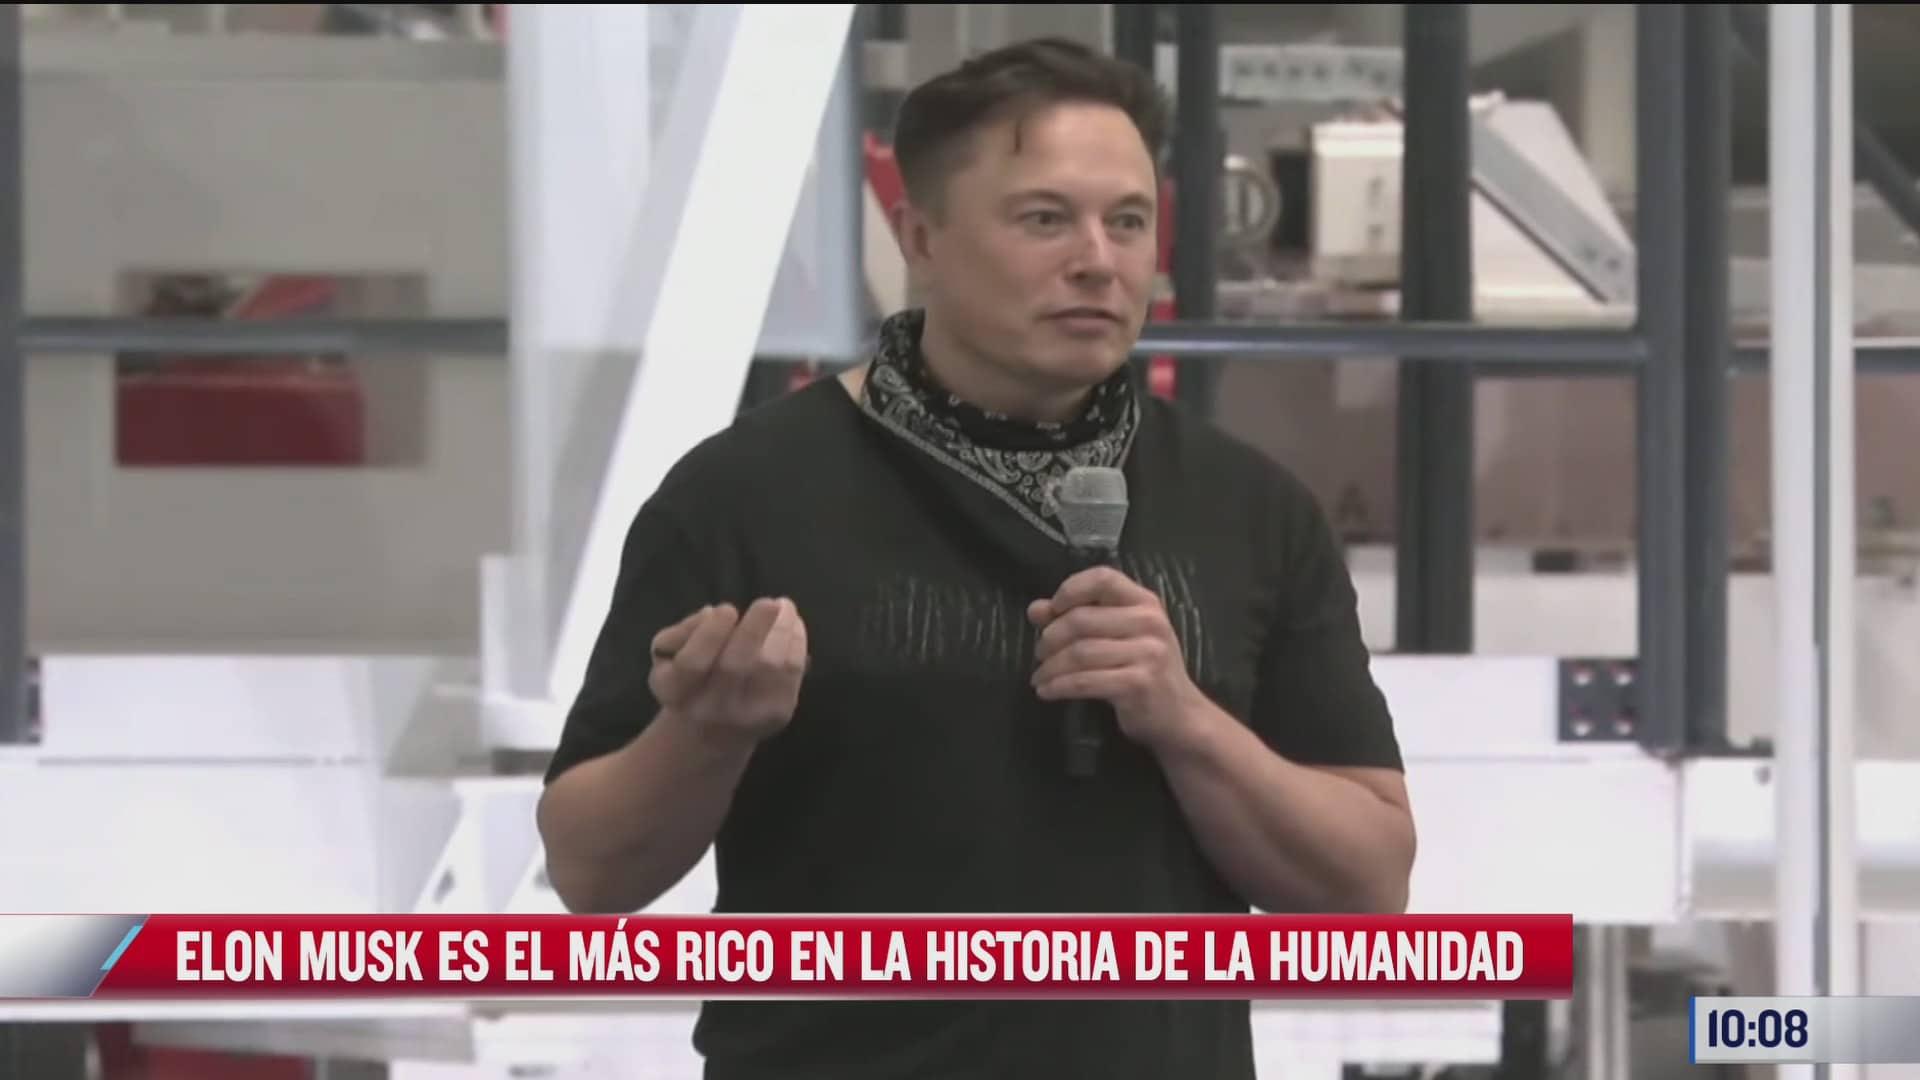 elon musk es el mas rico en la historia de la humanidad